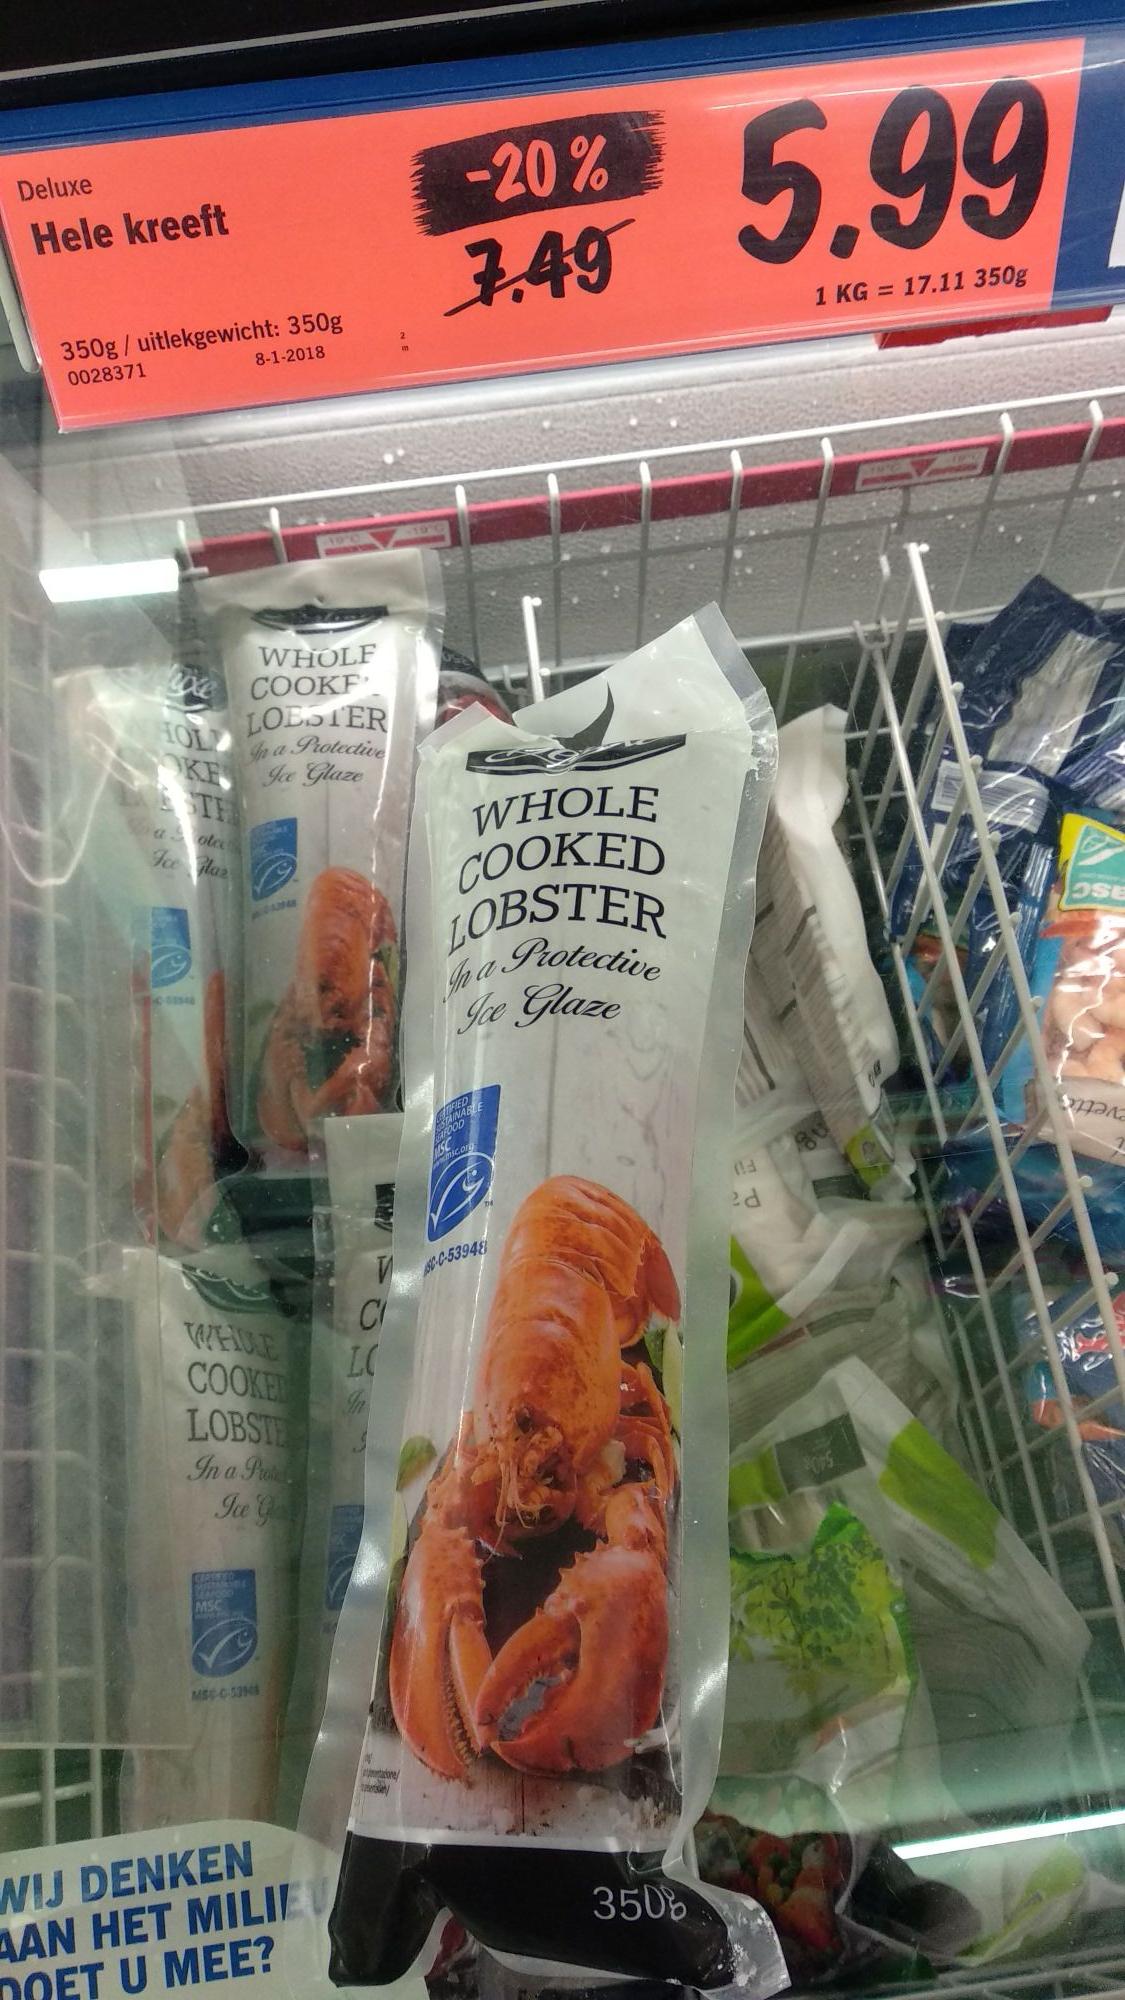 Lobster. gekookte zeekreeft (diepvries lidl)